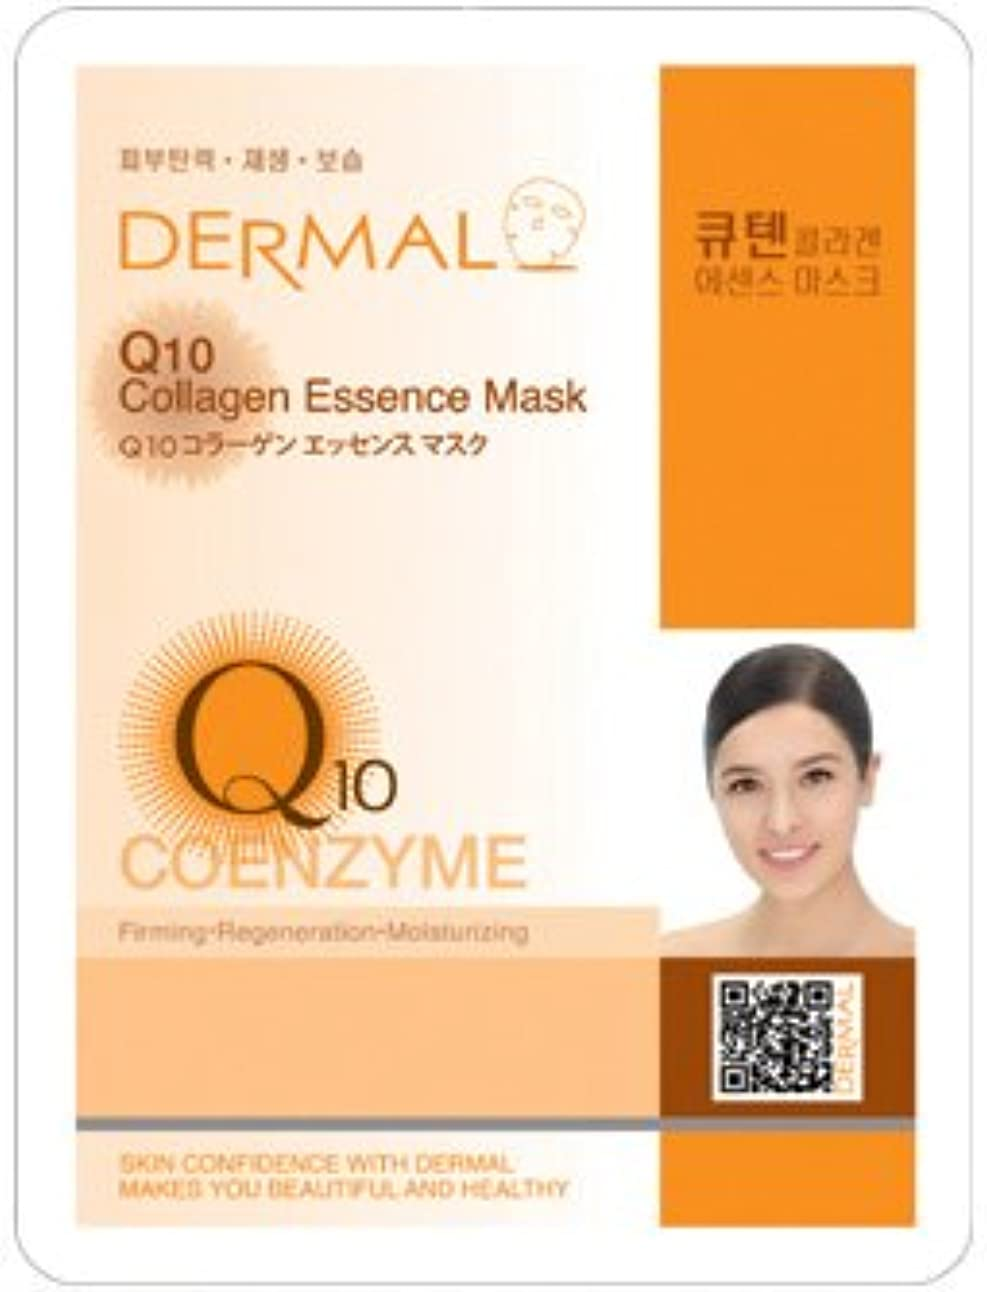 どんなときも連続的通知するシートマスク Q10 コエンザイム 10枚セット ダーマル(Dermal) フェイス パック